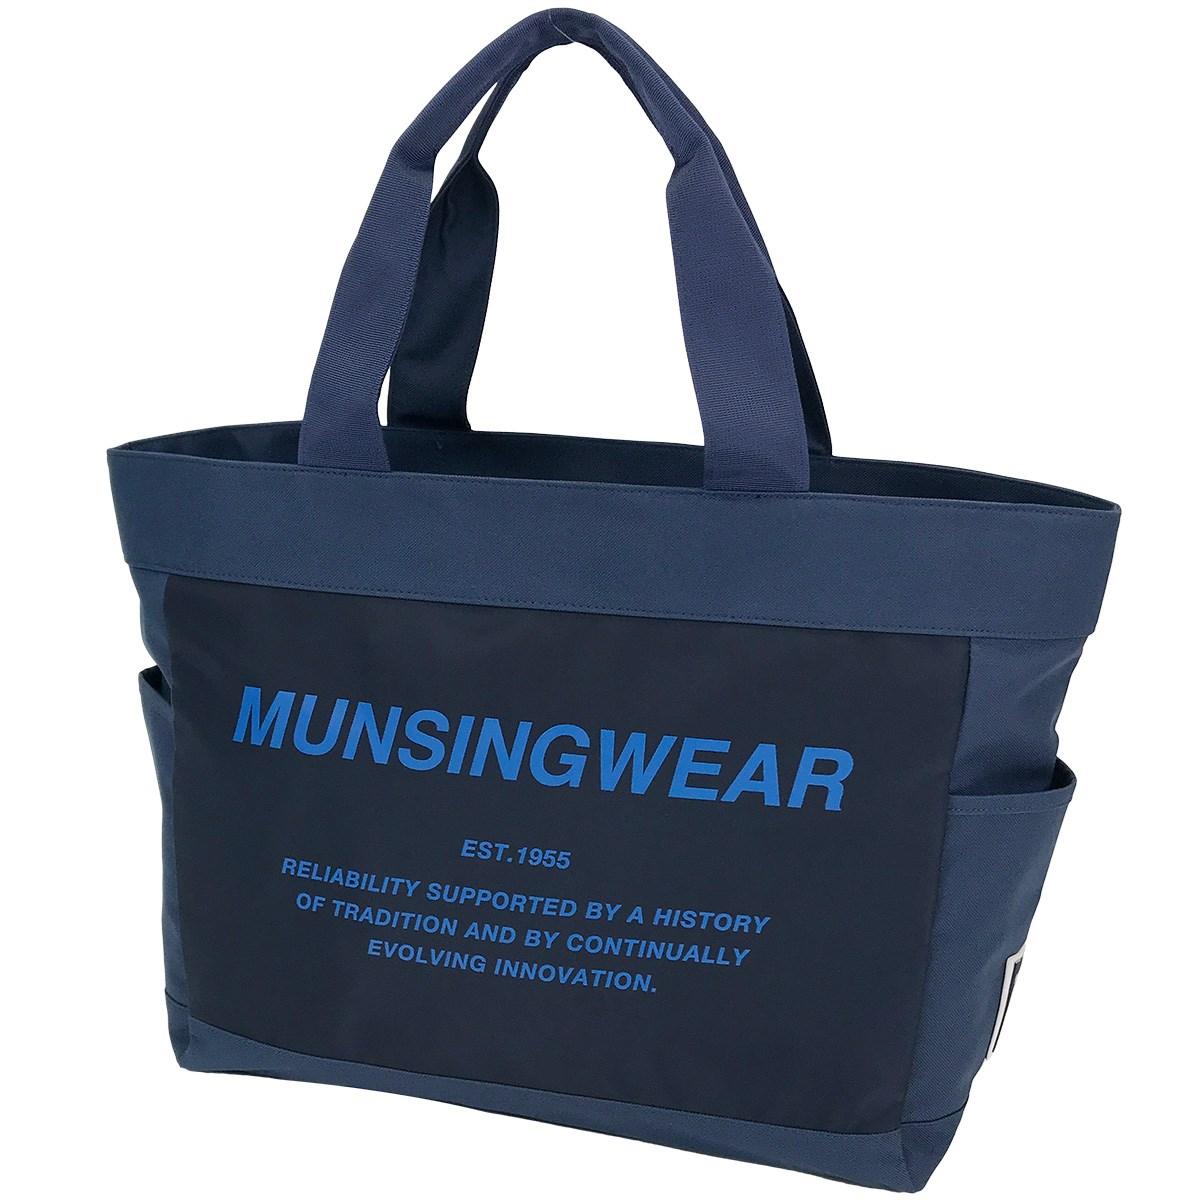 マンシングウェア Munsingwear ボストンバッグ ネイビー 00